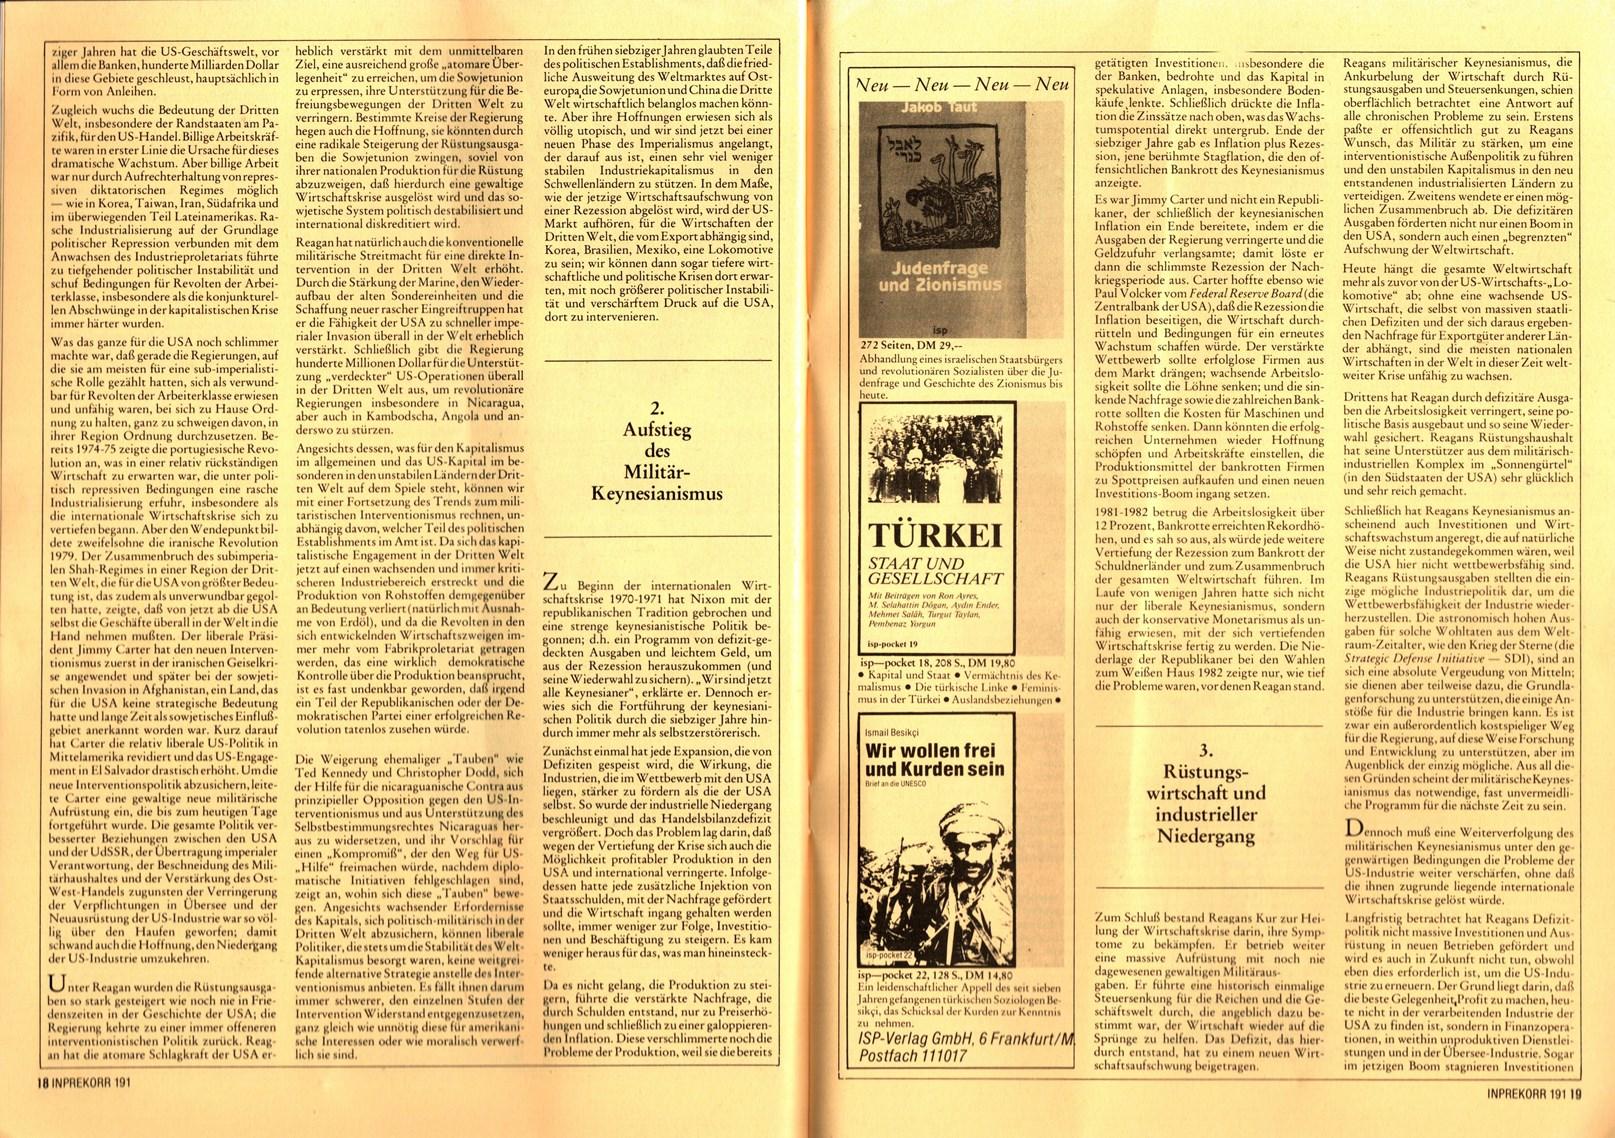 Inprekorr_19870300_191_010